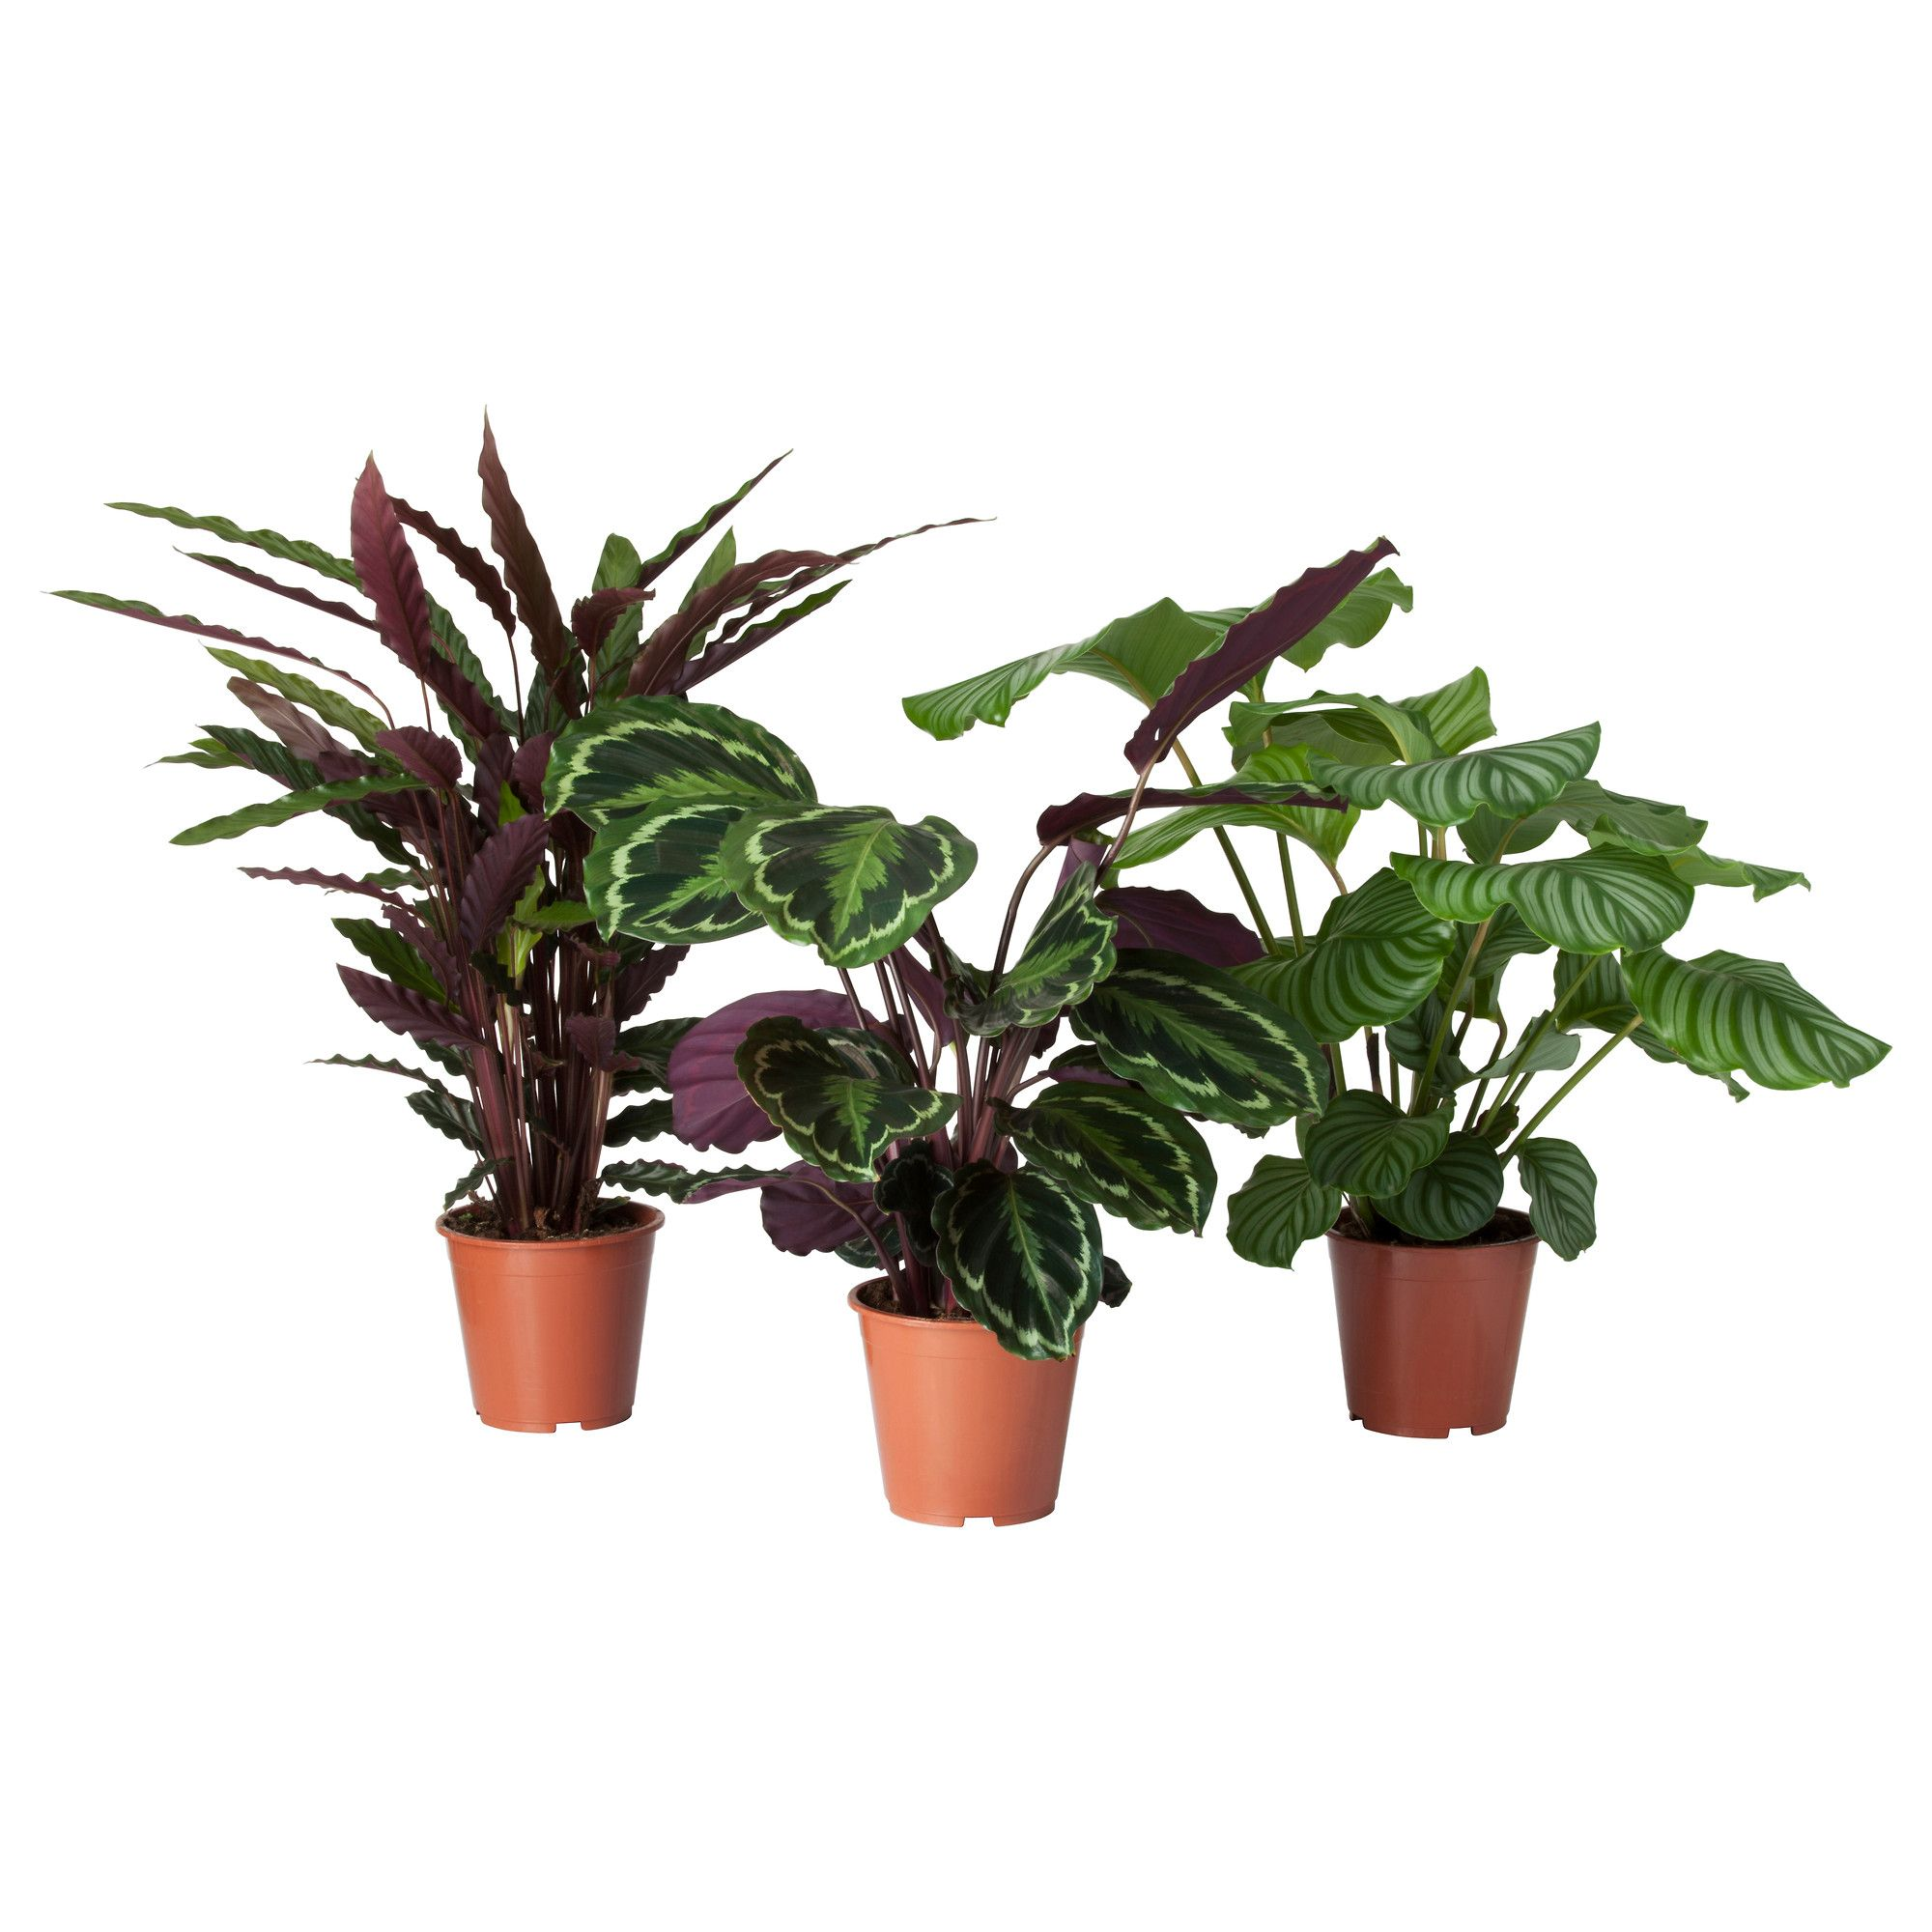 les 25 meilleures id es de la cat gorie matrice unitaire sur pinterest piedestal plante. Black Bedroom Furniture Sets. Home Design Ideas